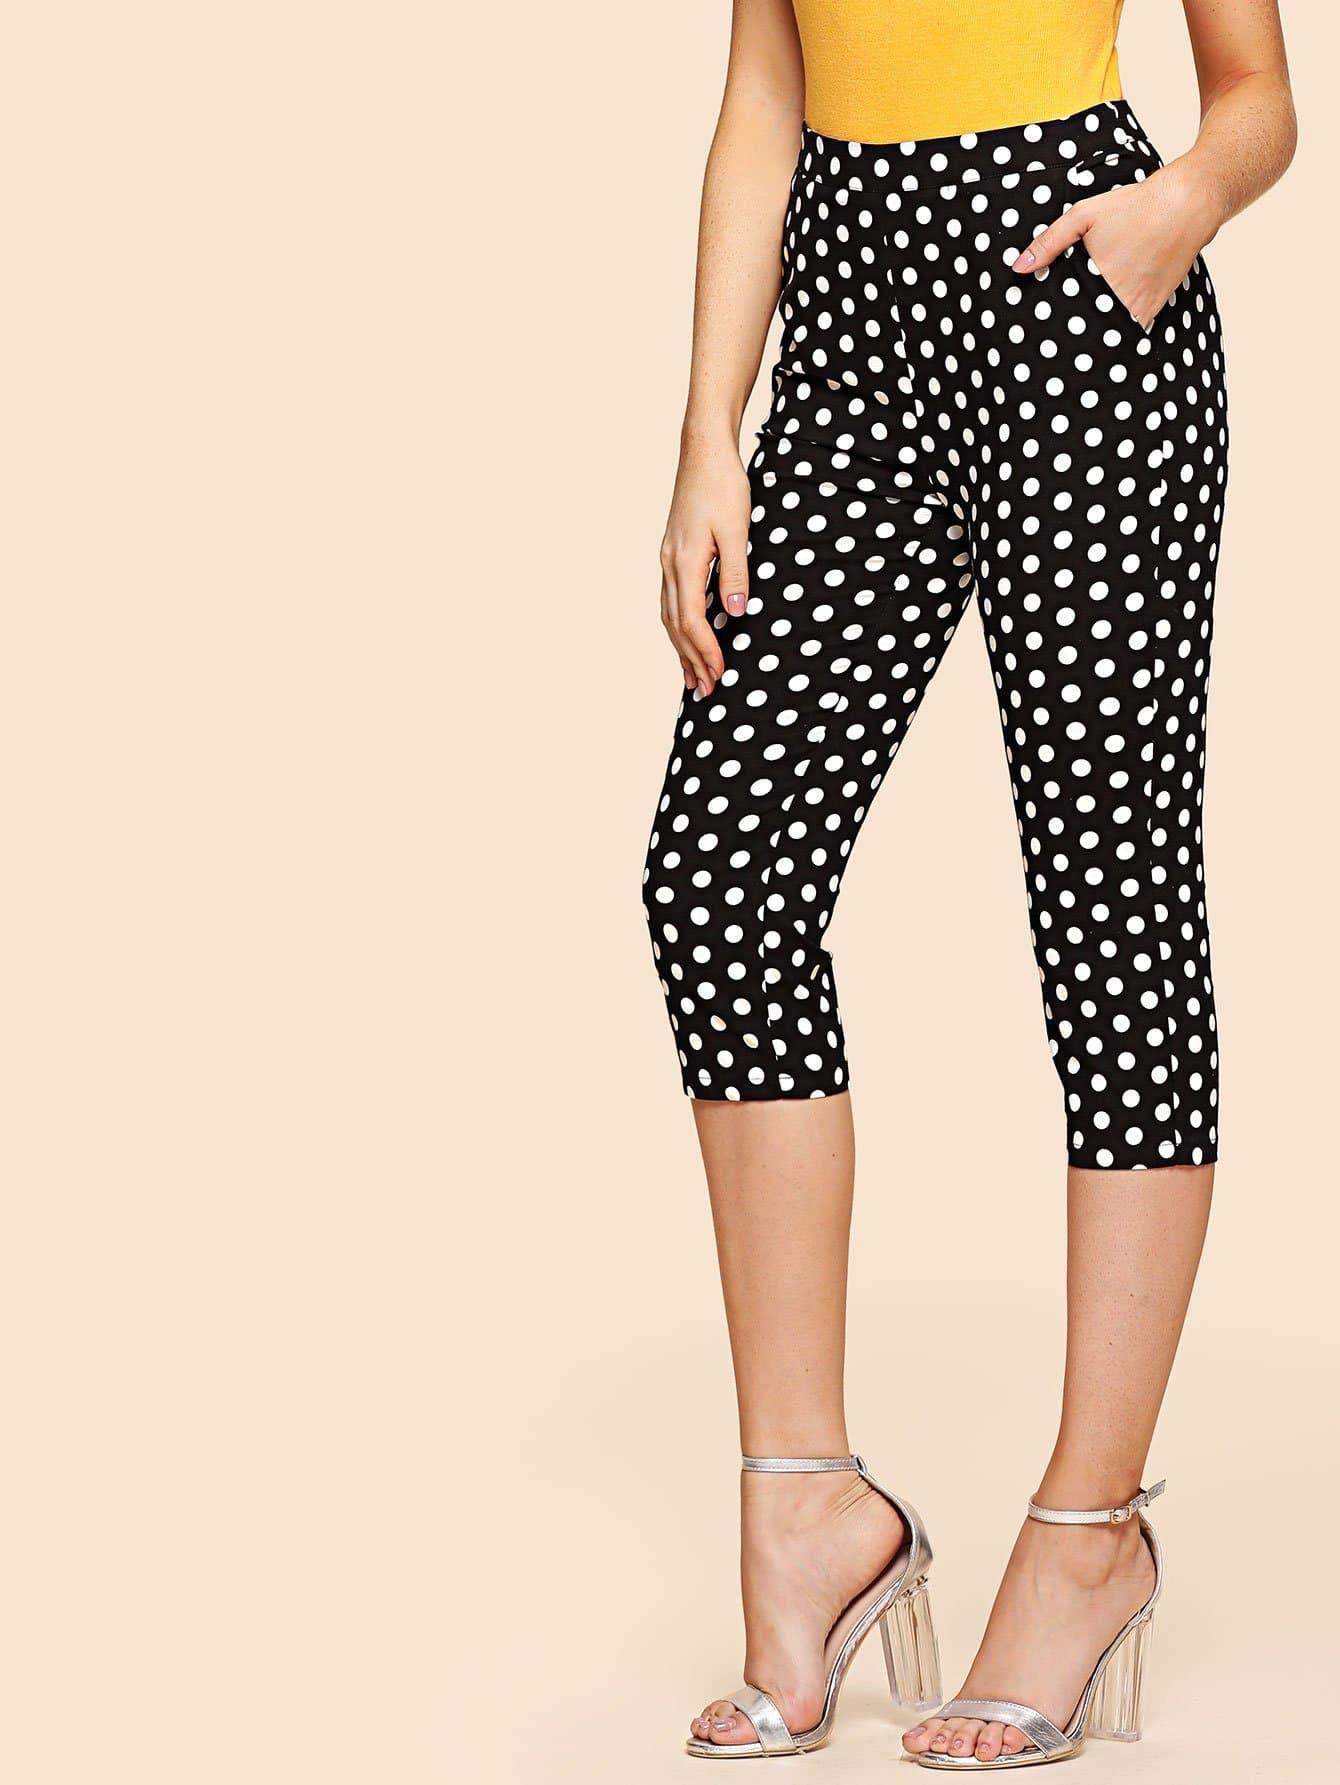 Polka Dot Print Capris Pants